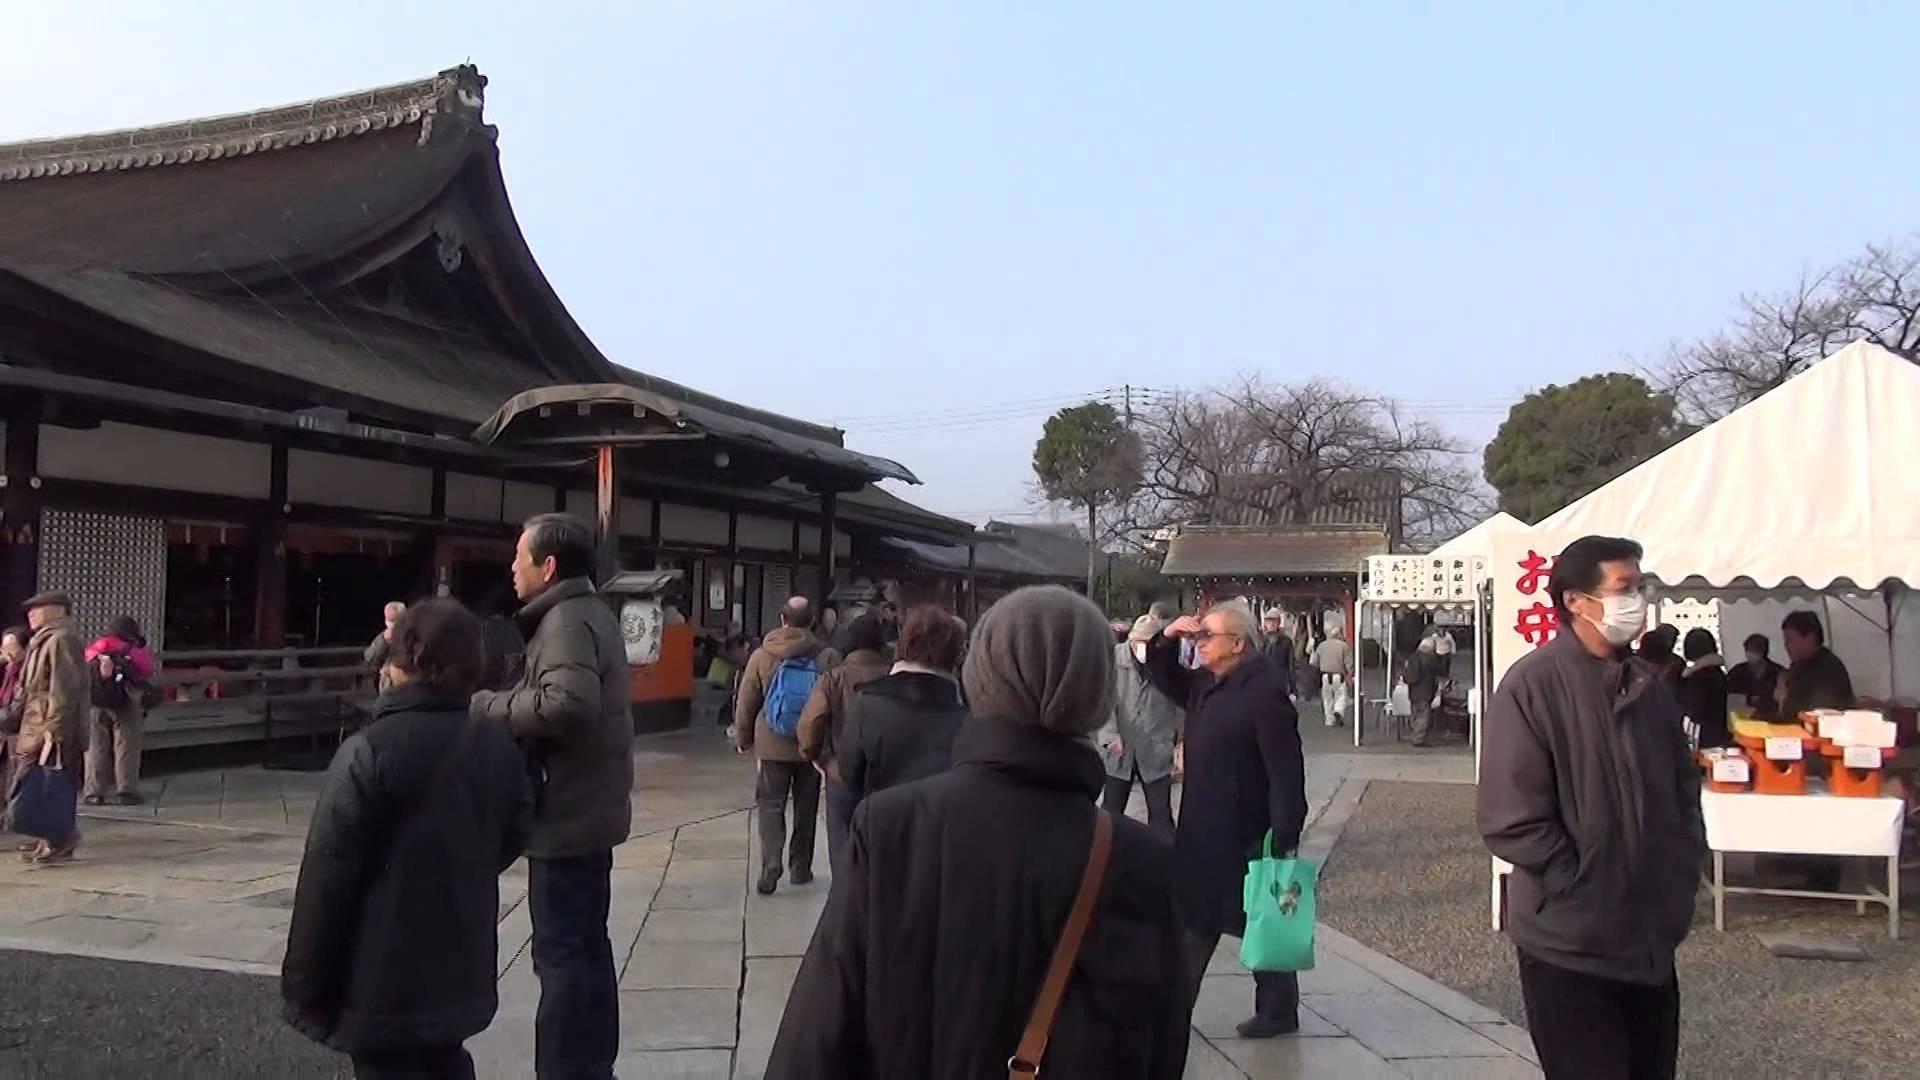 東寺の縁日「初弘法」編02 御影堂にて参拝